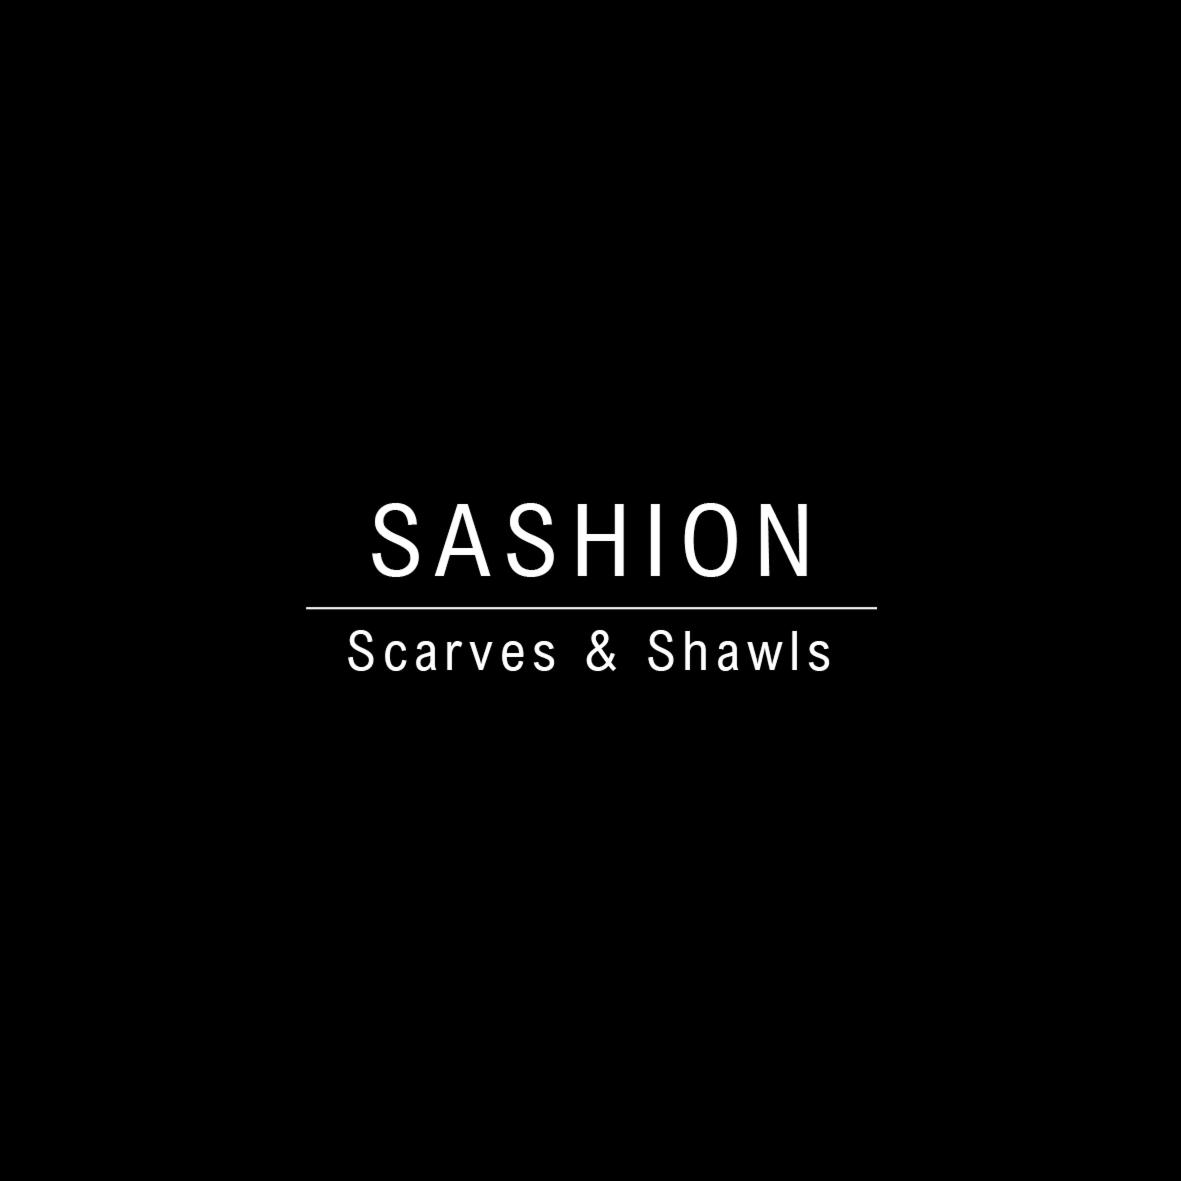 Sashion Ltd